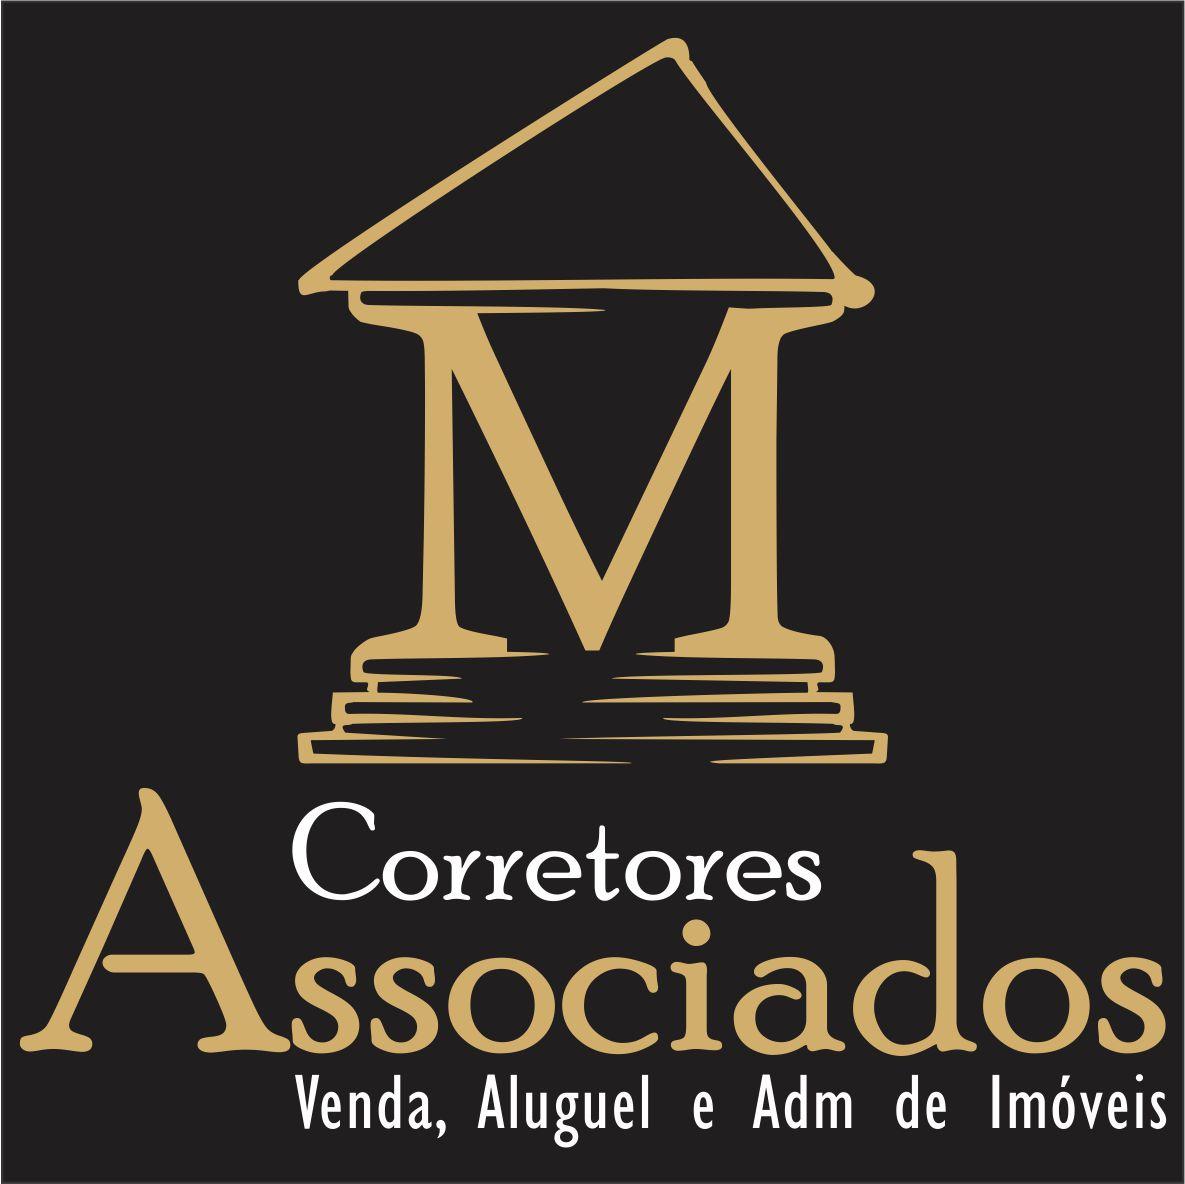 MMC Corretores Associados